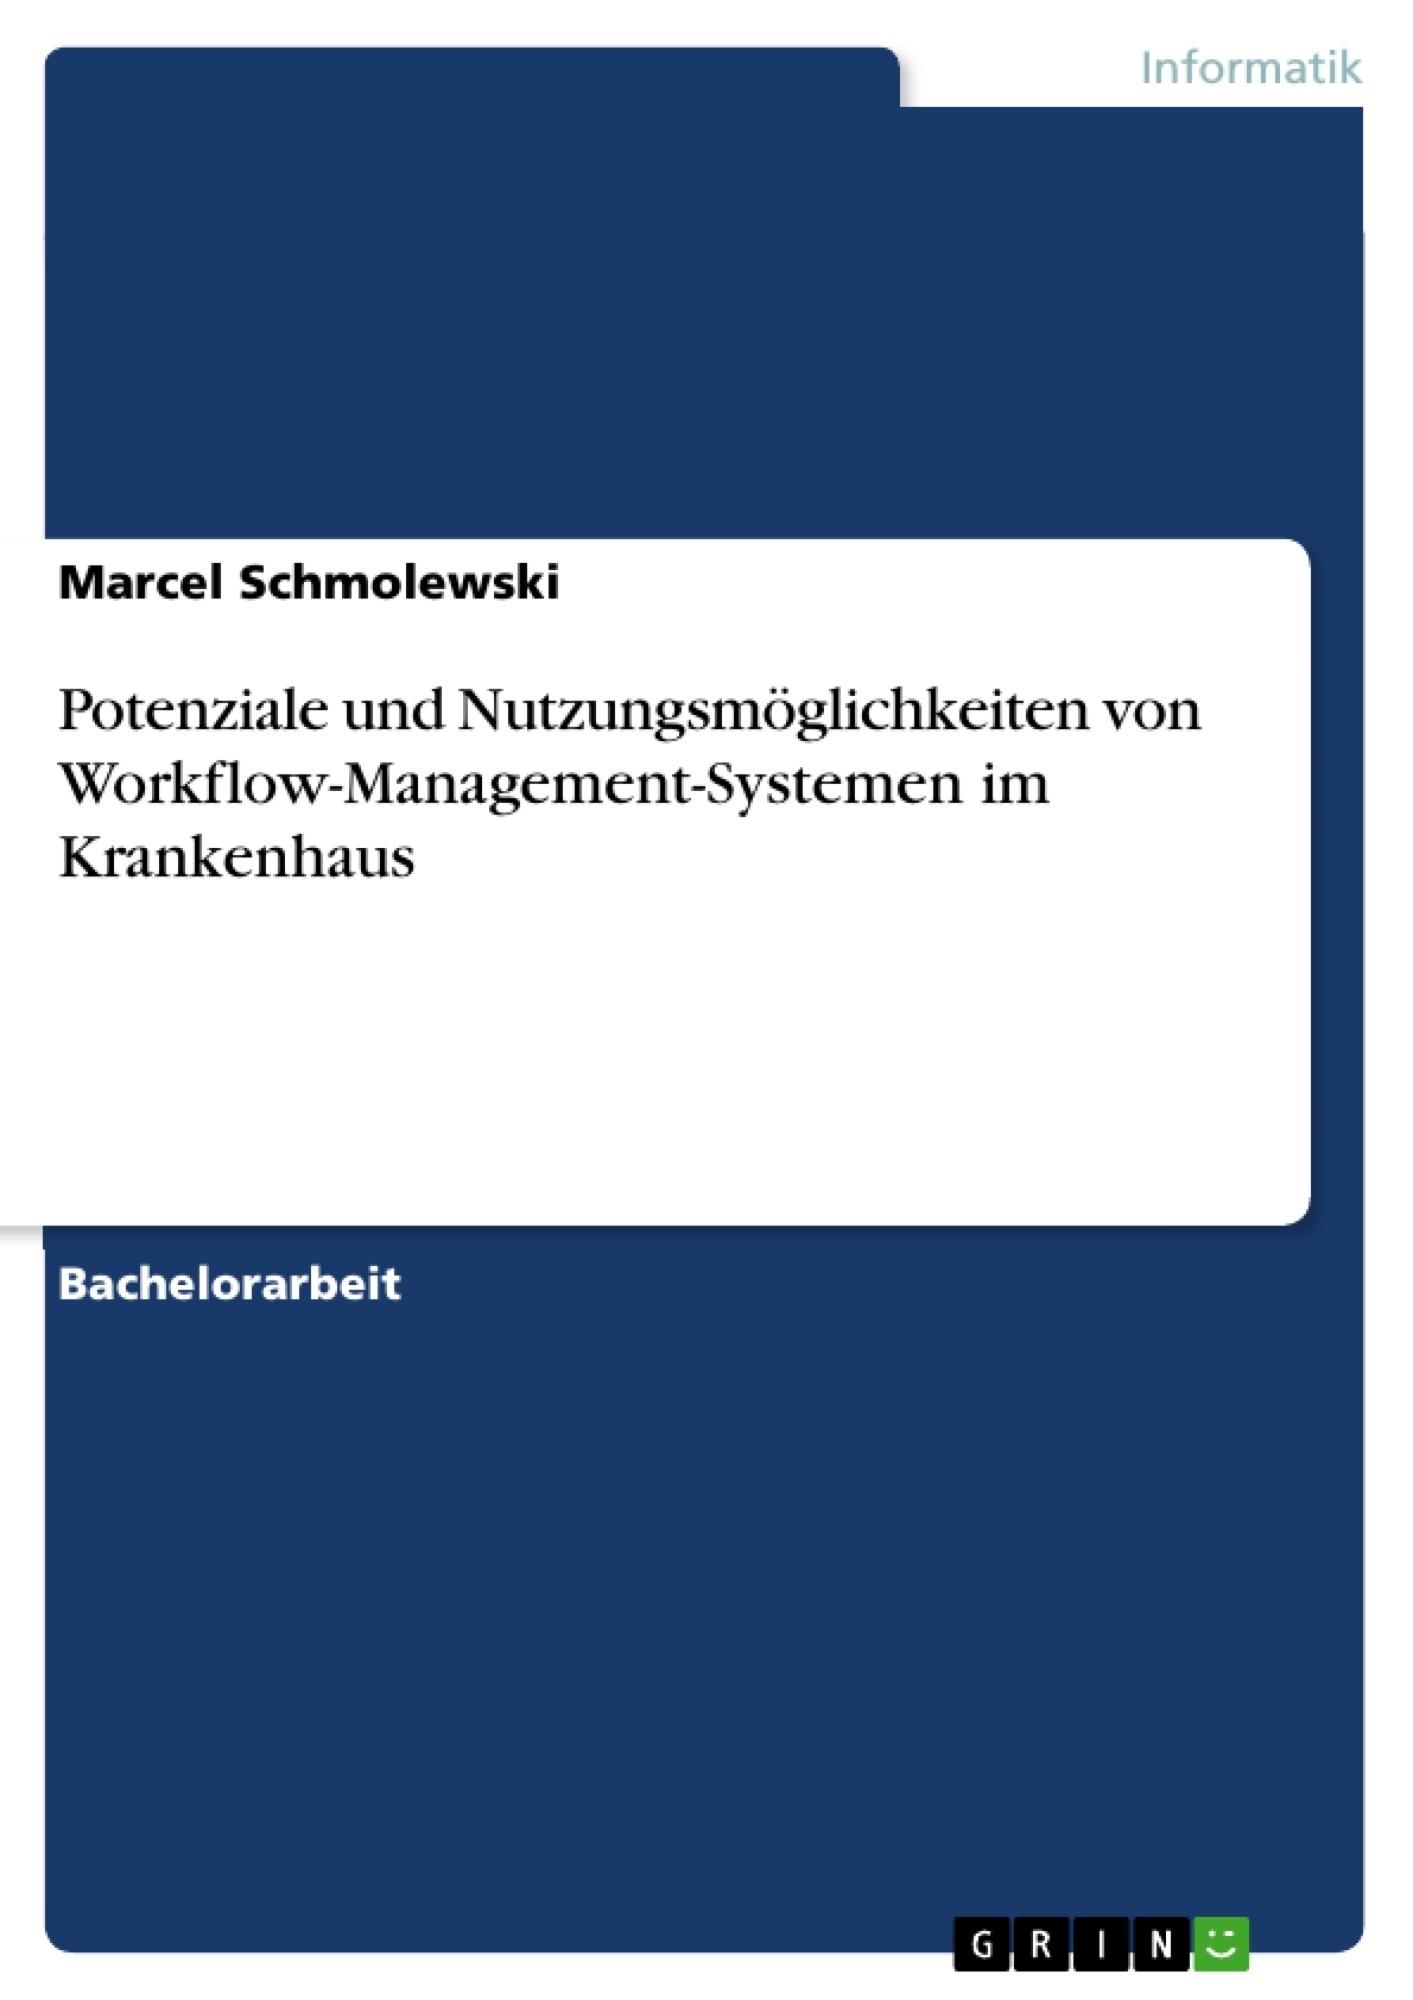 Titel: Potenziale und Nutzungsmöglichkeiten von Workflow-Management-Systemen im Krankenhaus